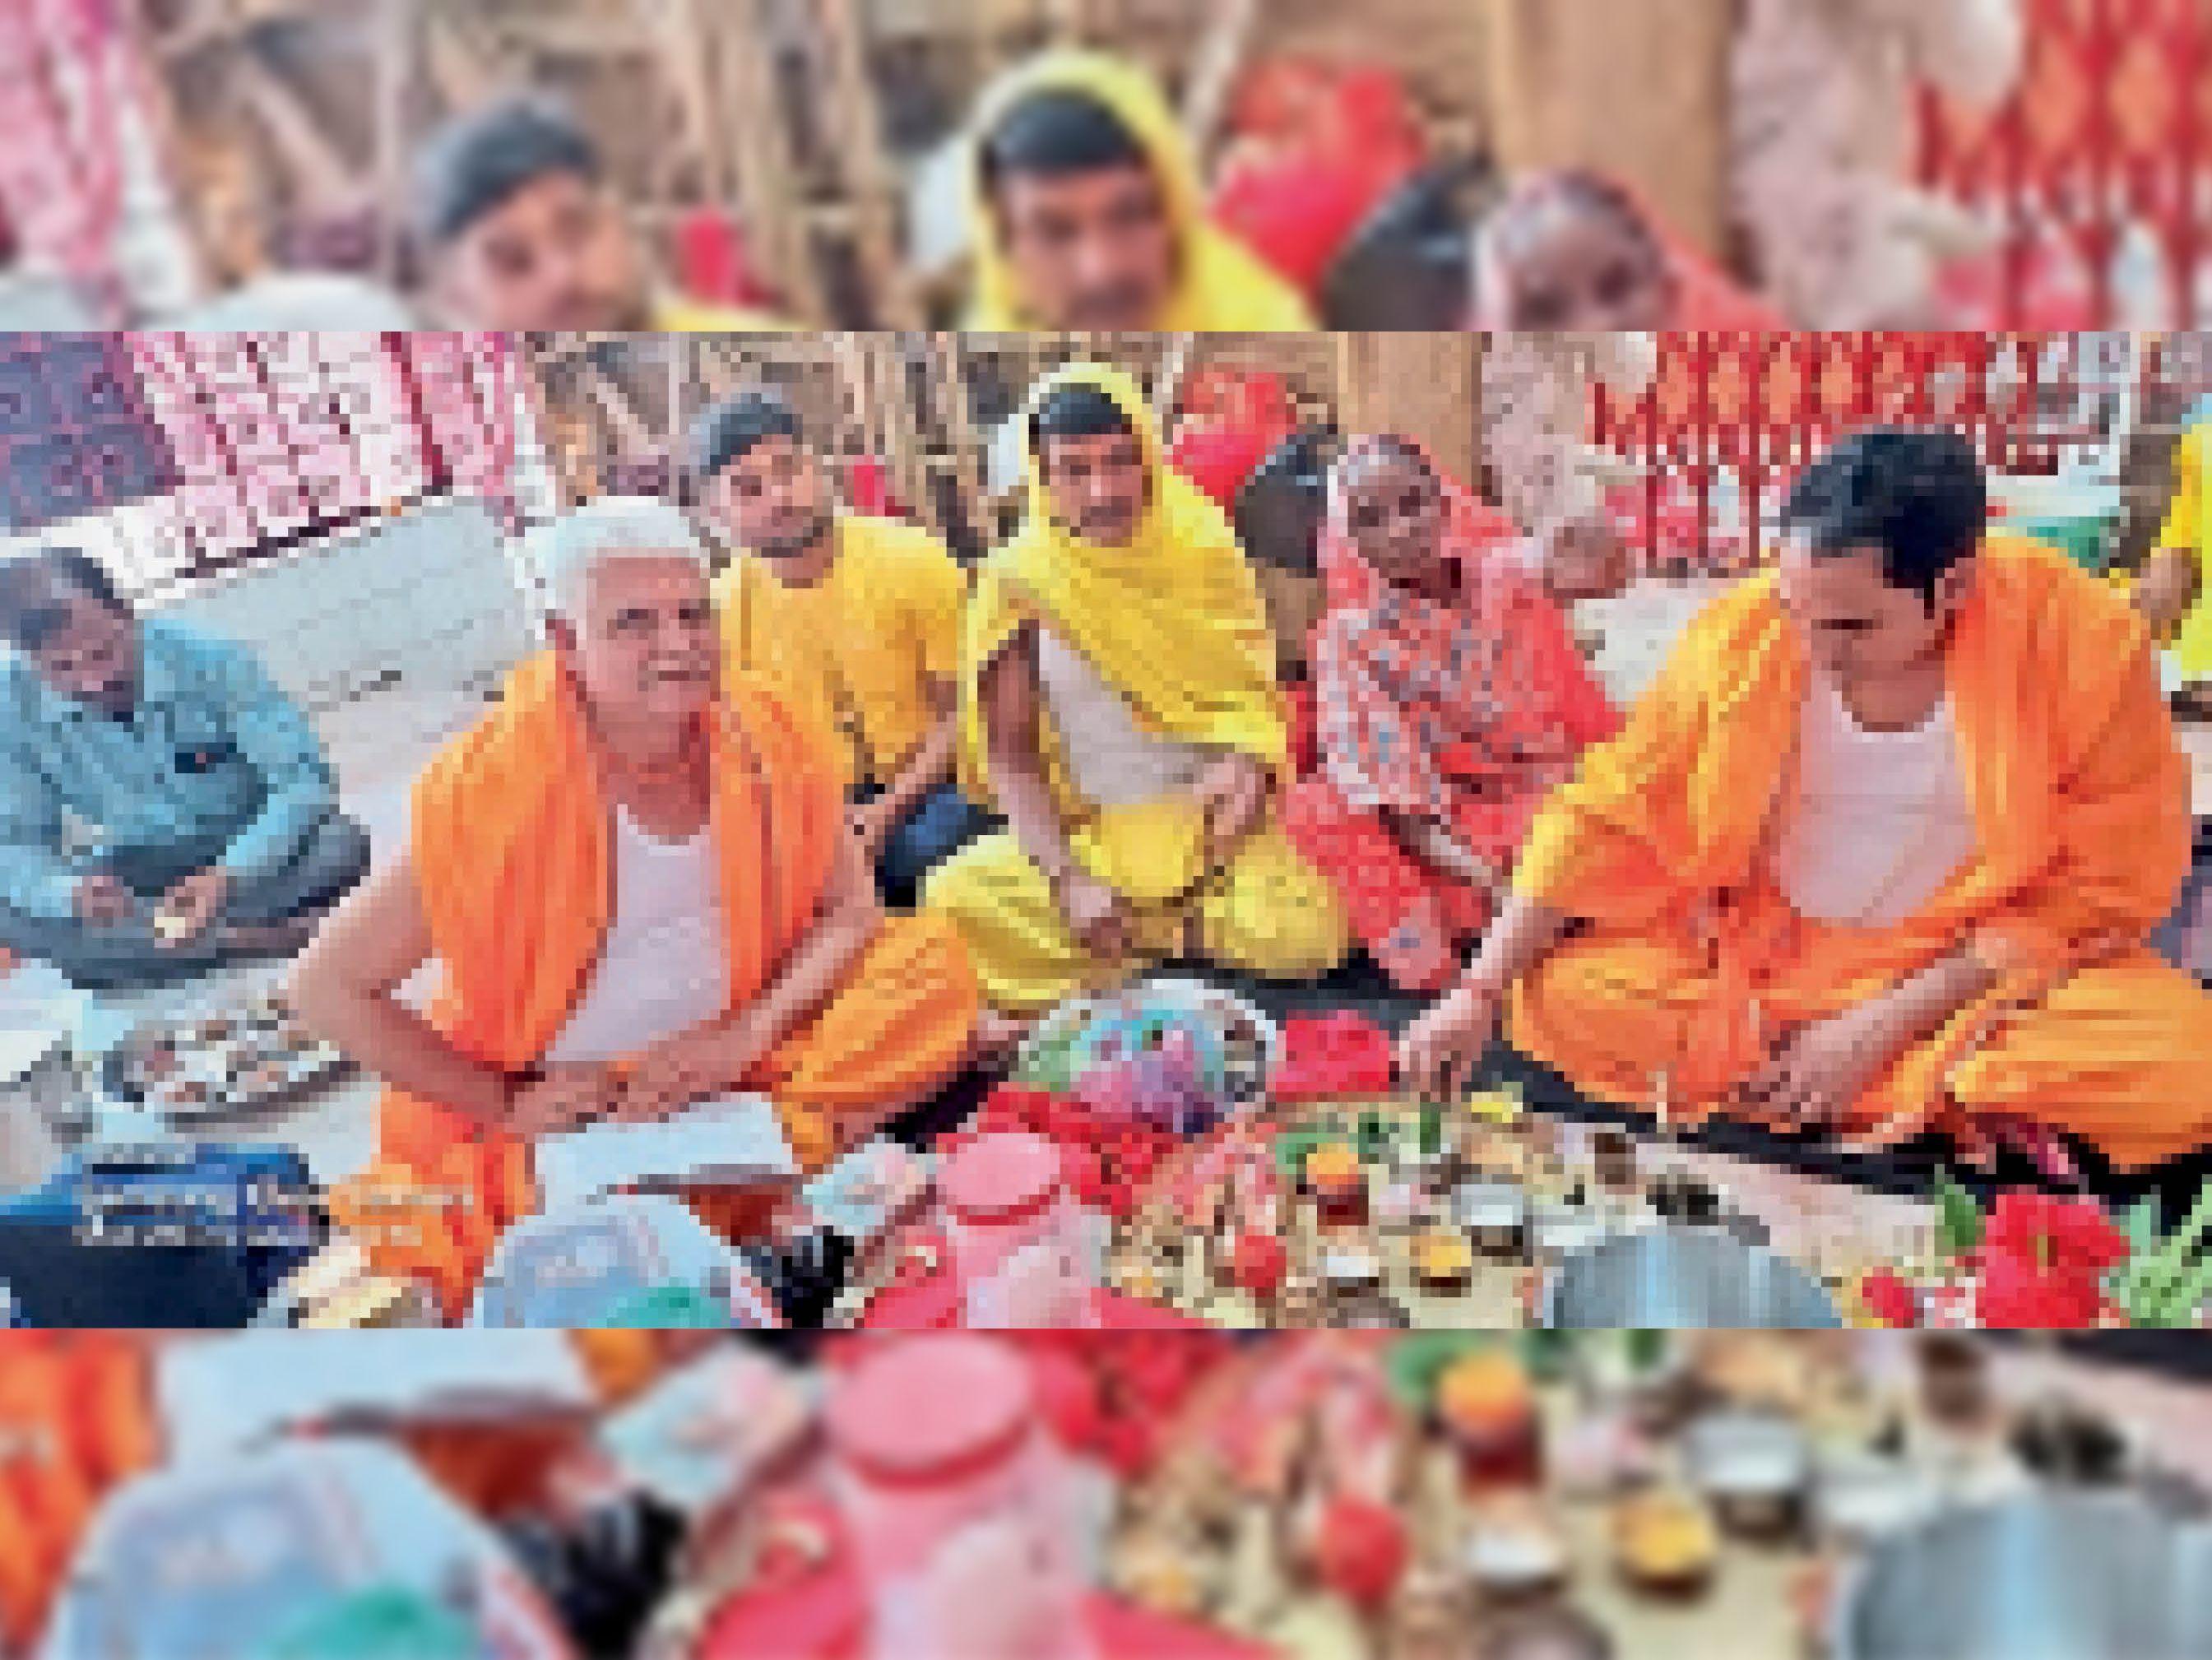 कलश स्थापना के दौरान पूजा पर बैठे श्रद्धालु। - Dainik Bhaskar